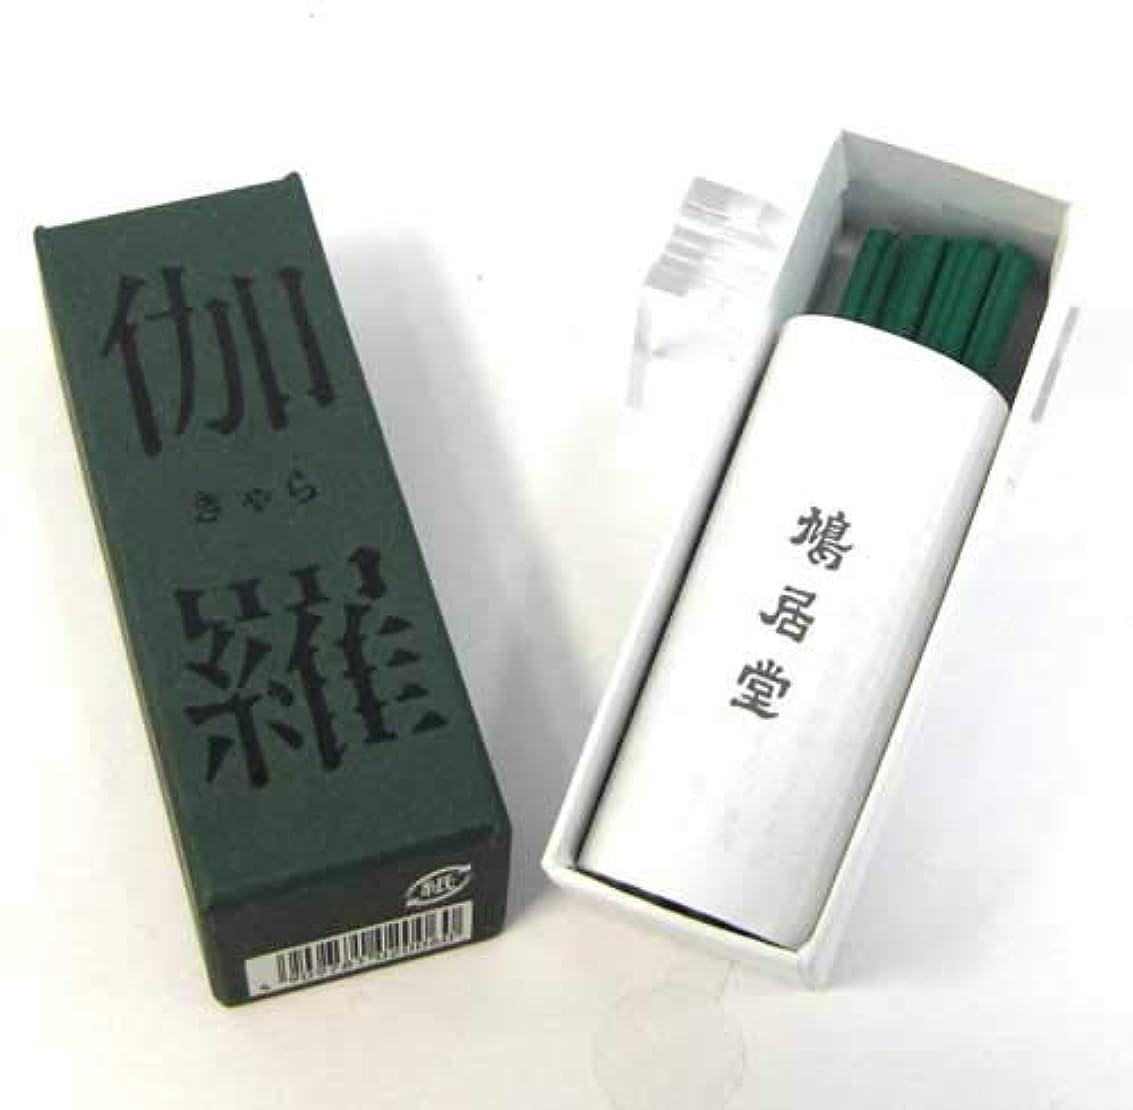 ねばねば監査下着鳩居堂 お香 伽羅/きゃら 香木の香りシリーズ スティックタイプ(棒状香)20本いり